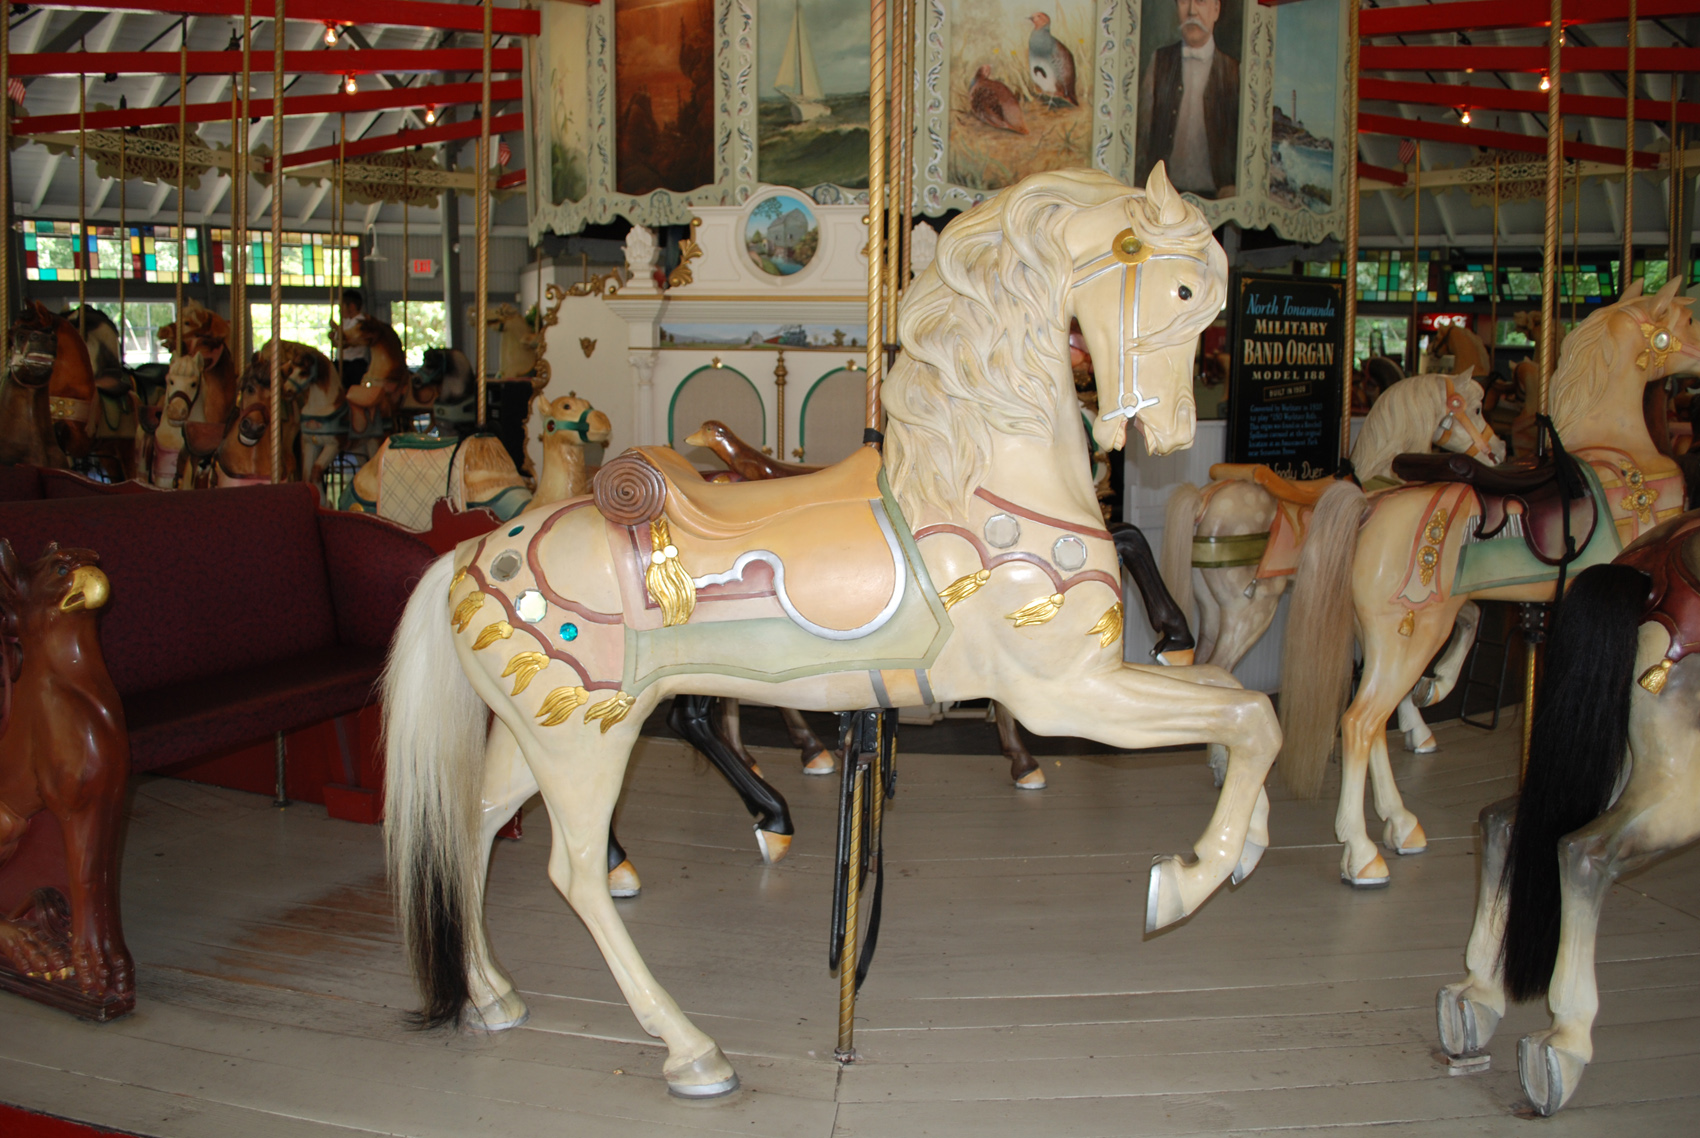 1895-Looff-carousel-horses-Slater-Park-RI-86